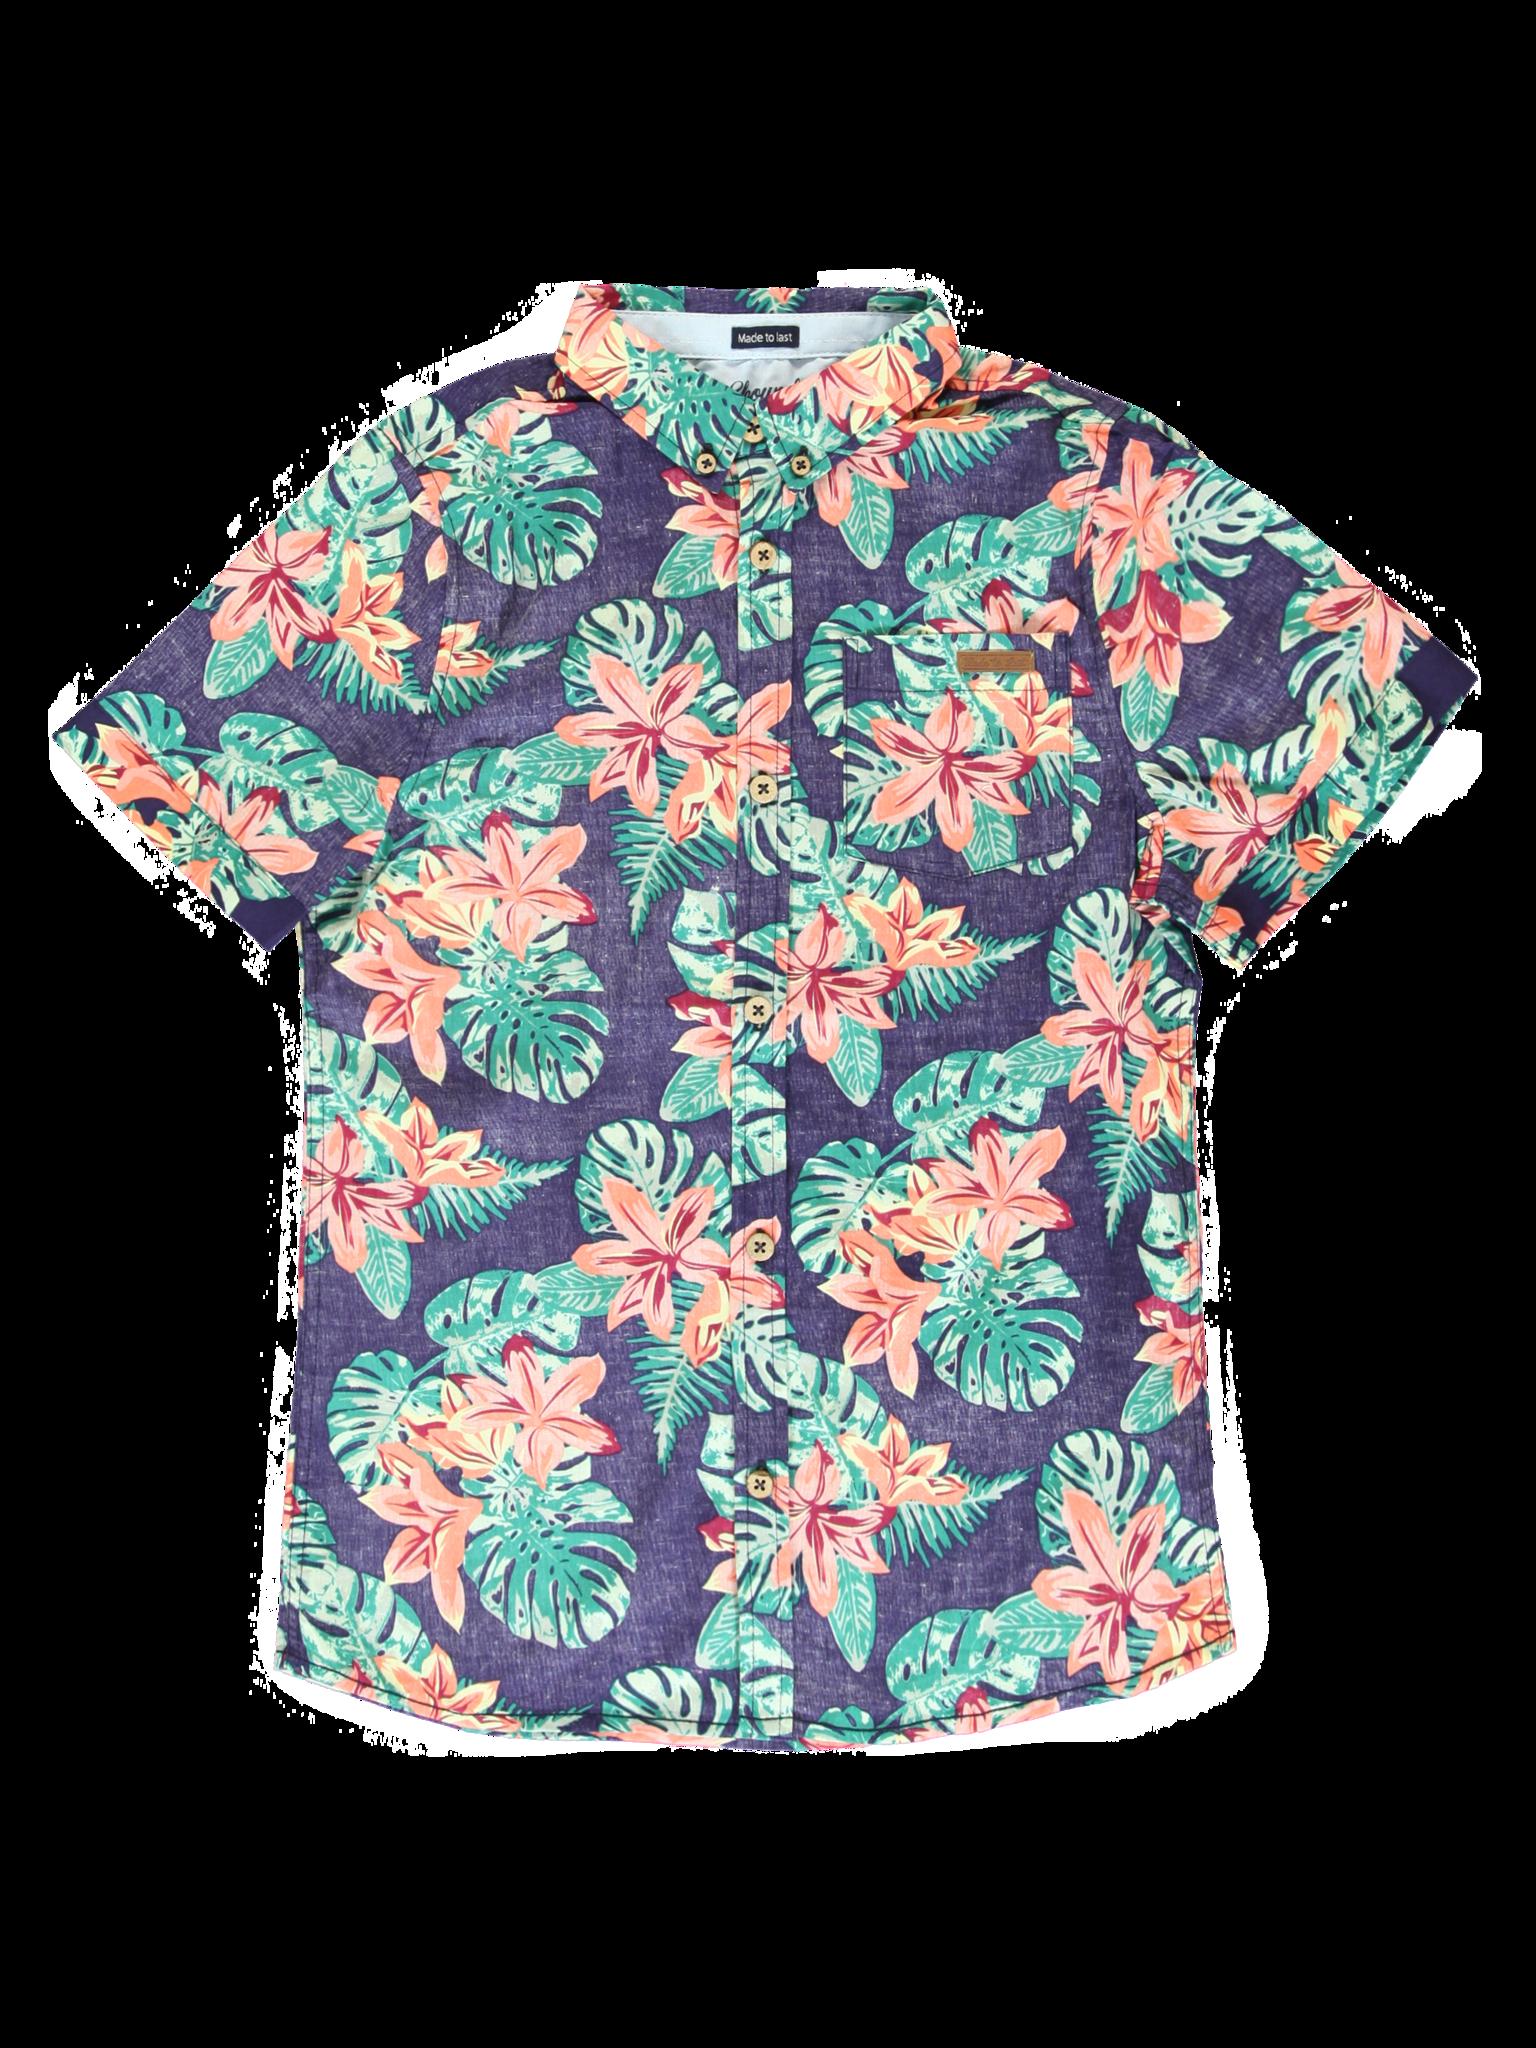 All Brands | Summerproducts Teen Boys | Shirt | 24 pcs/box